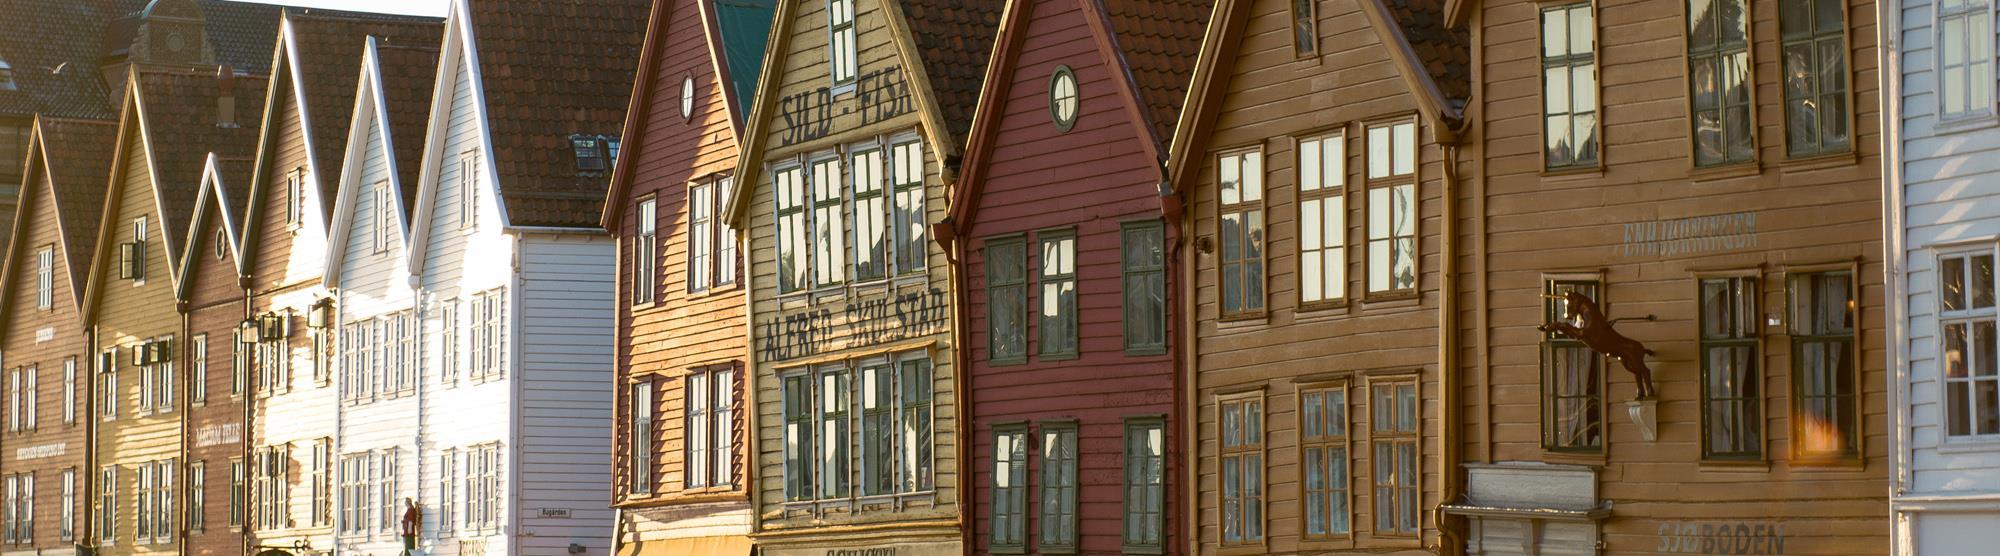 Attractions in Bergen - VisitBergen.com